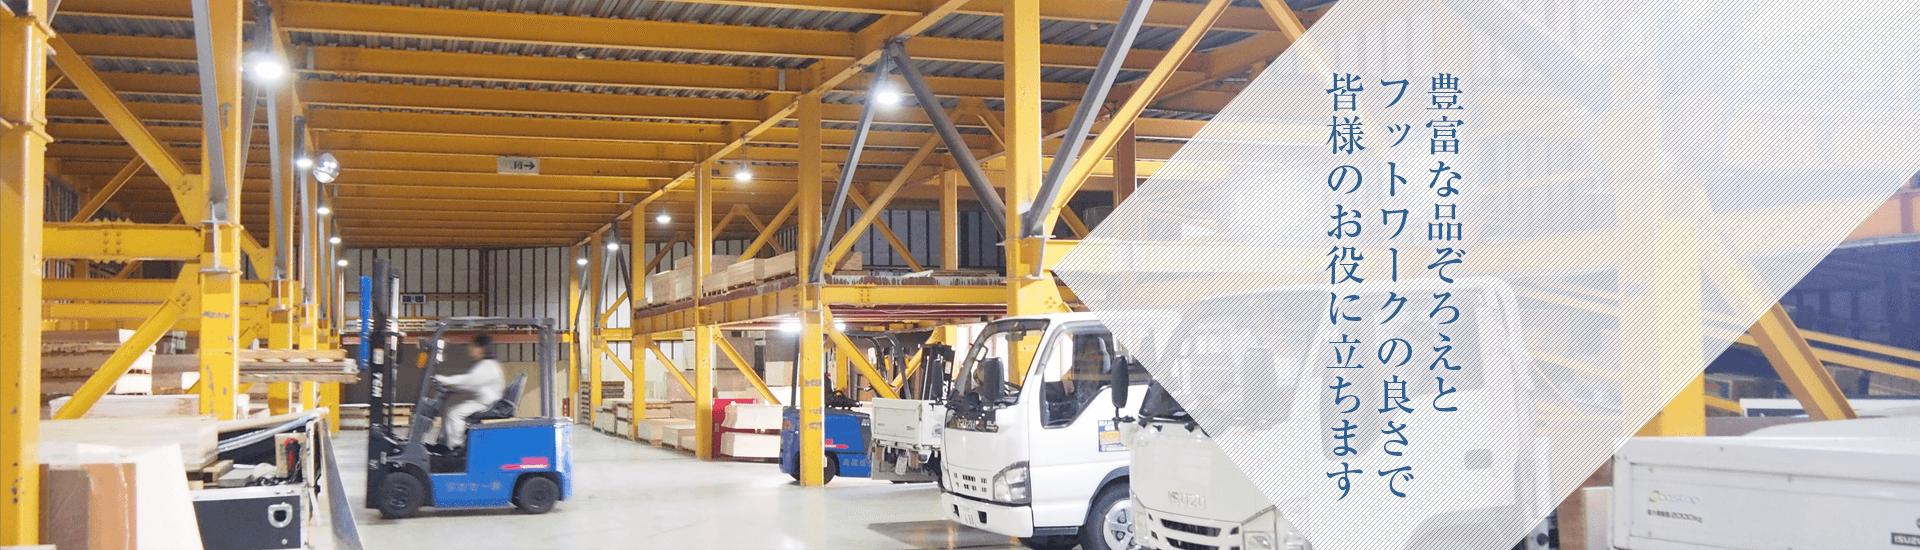 タカセー資材倉庫